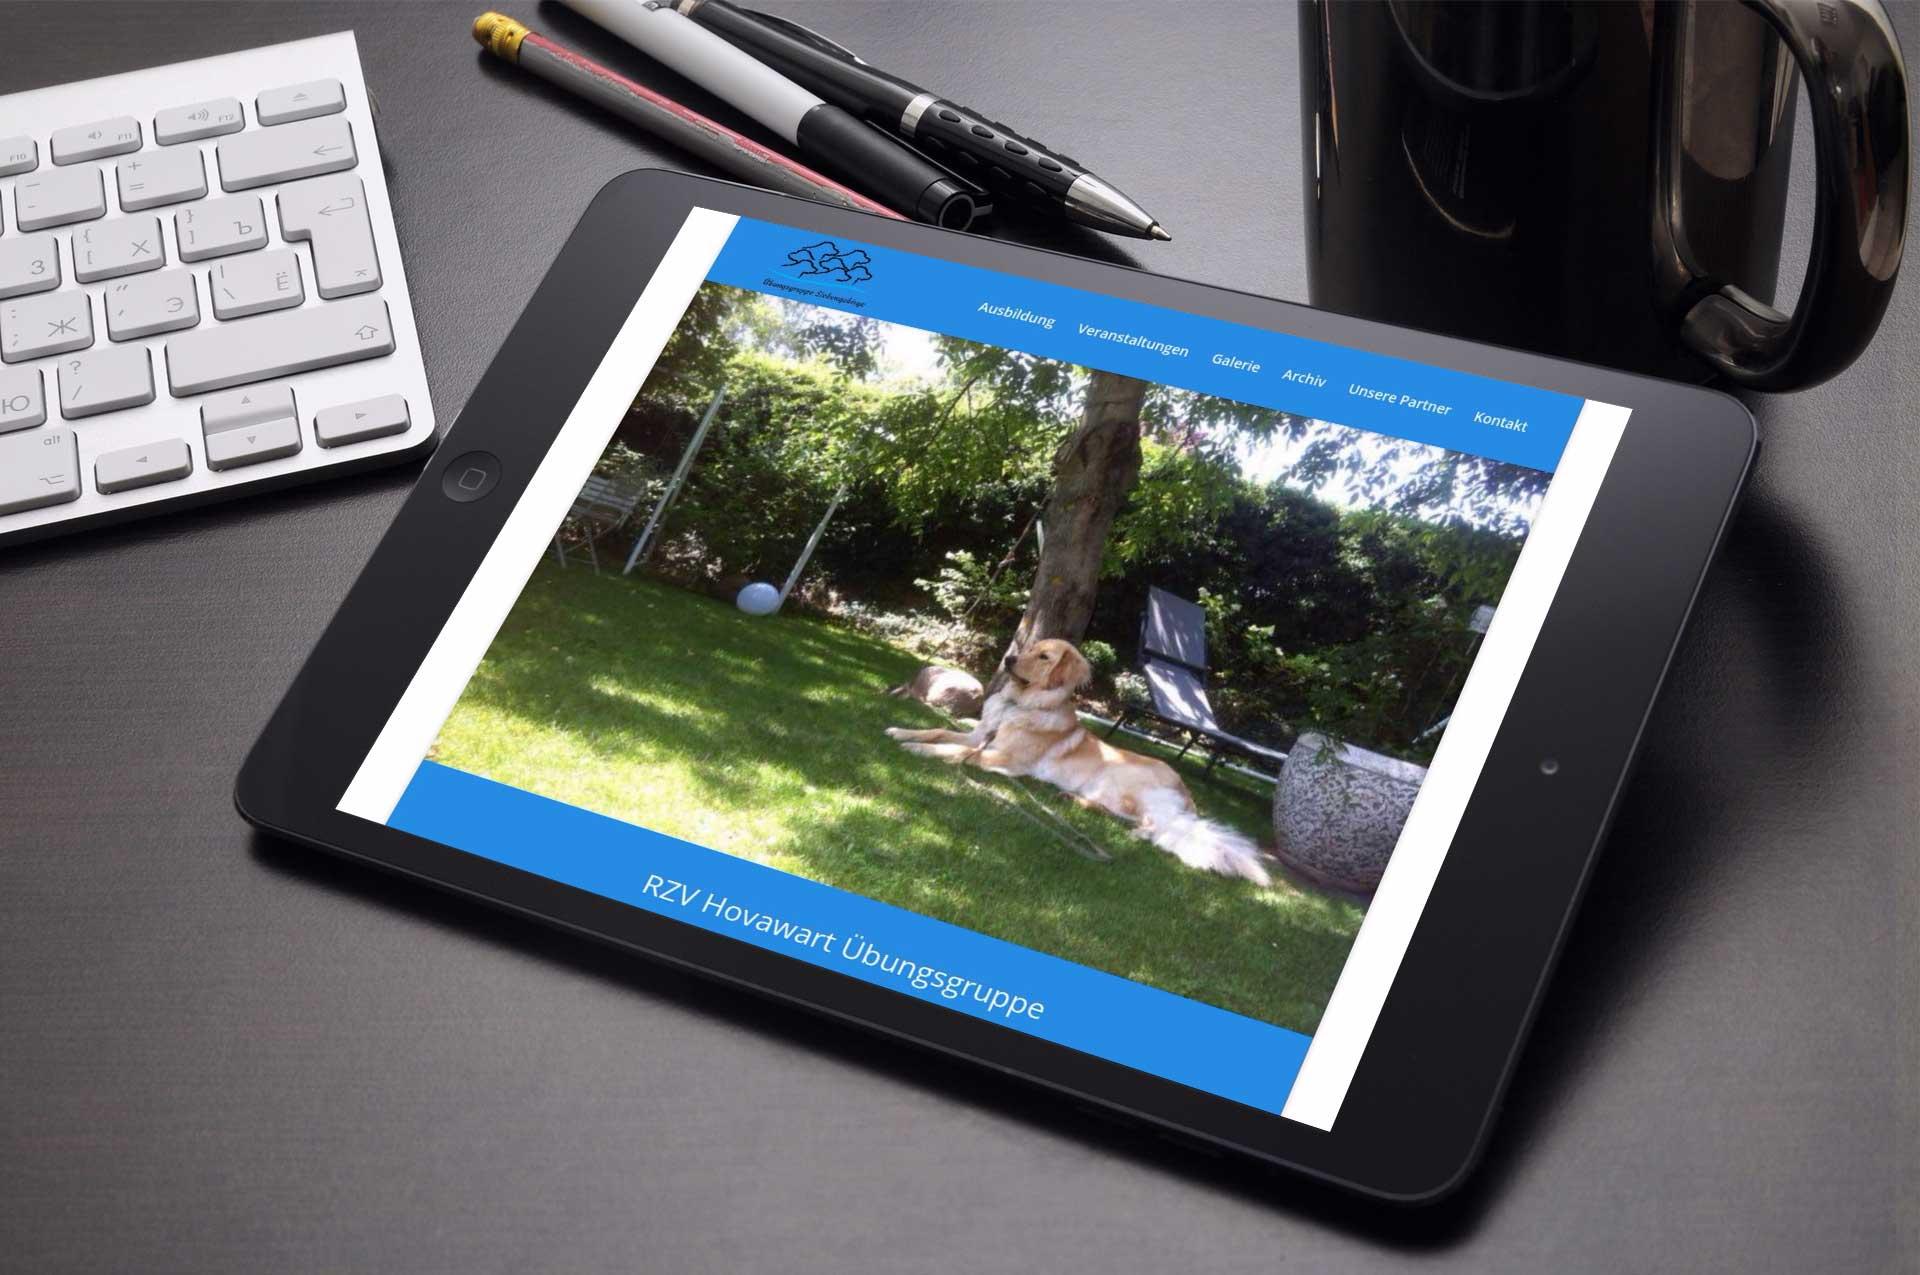 Uebung_Mockup_iPad